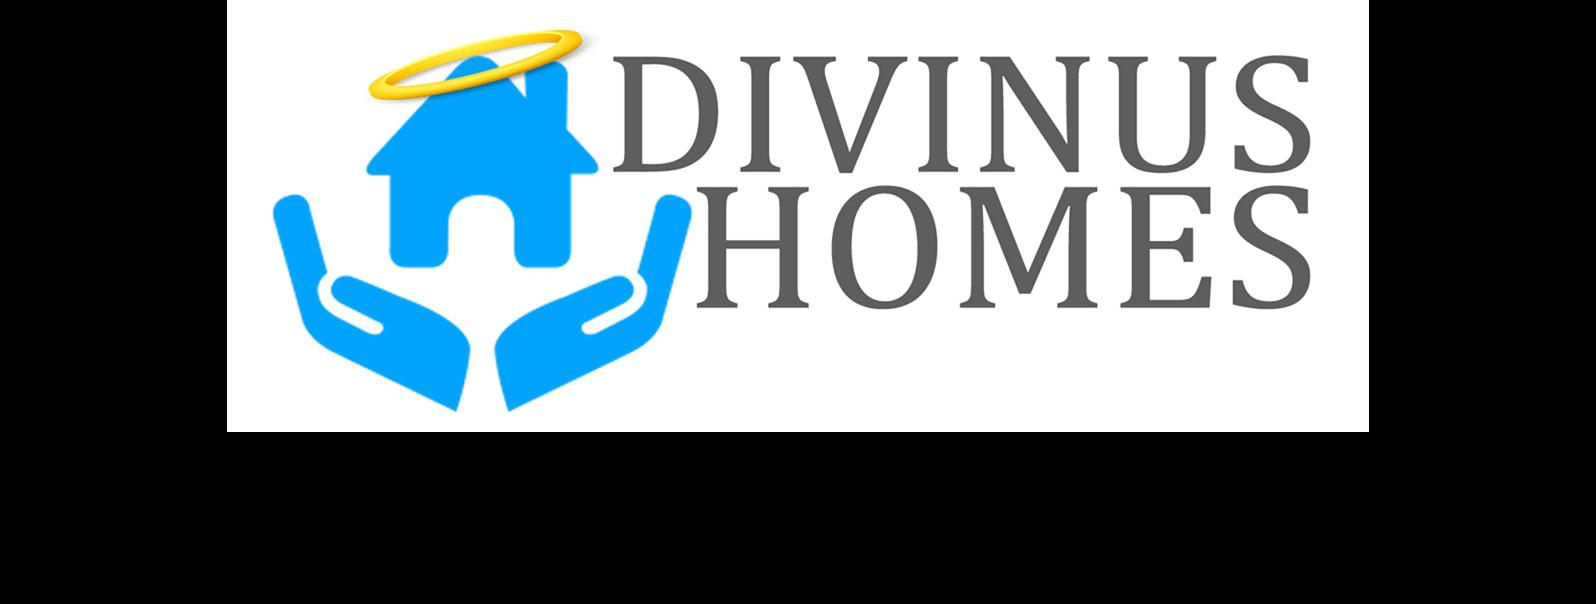 Divinus Homes Main logo